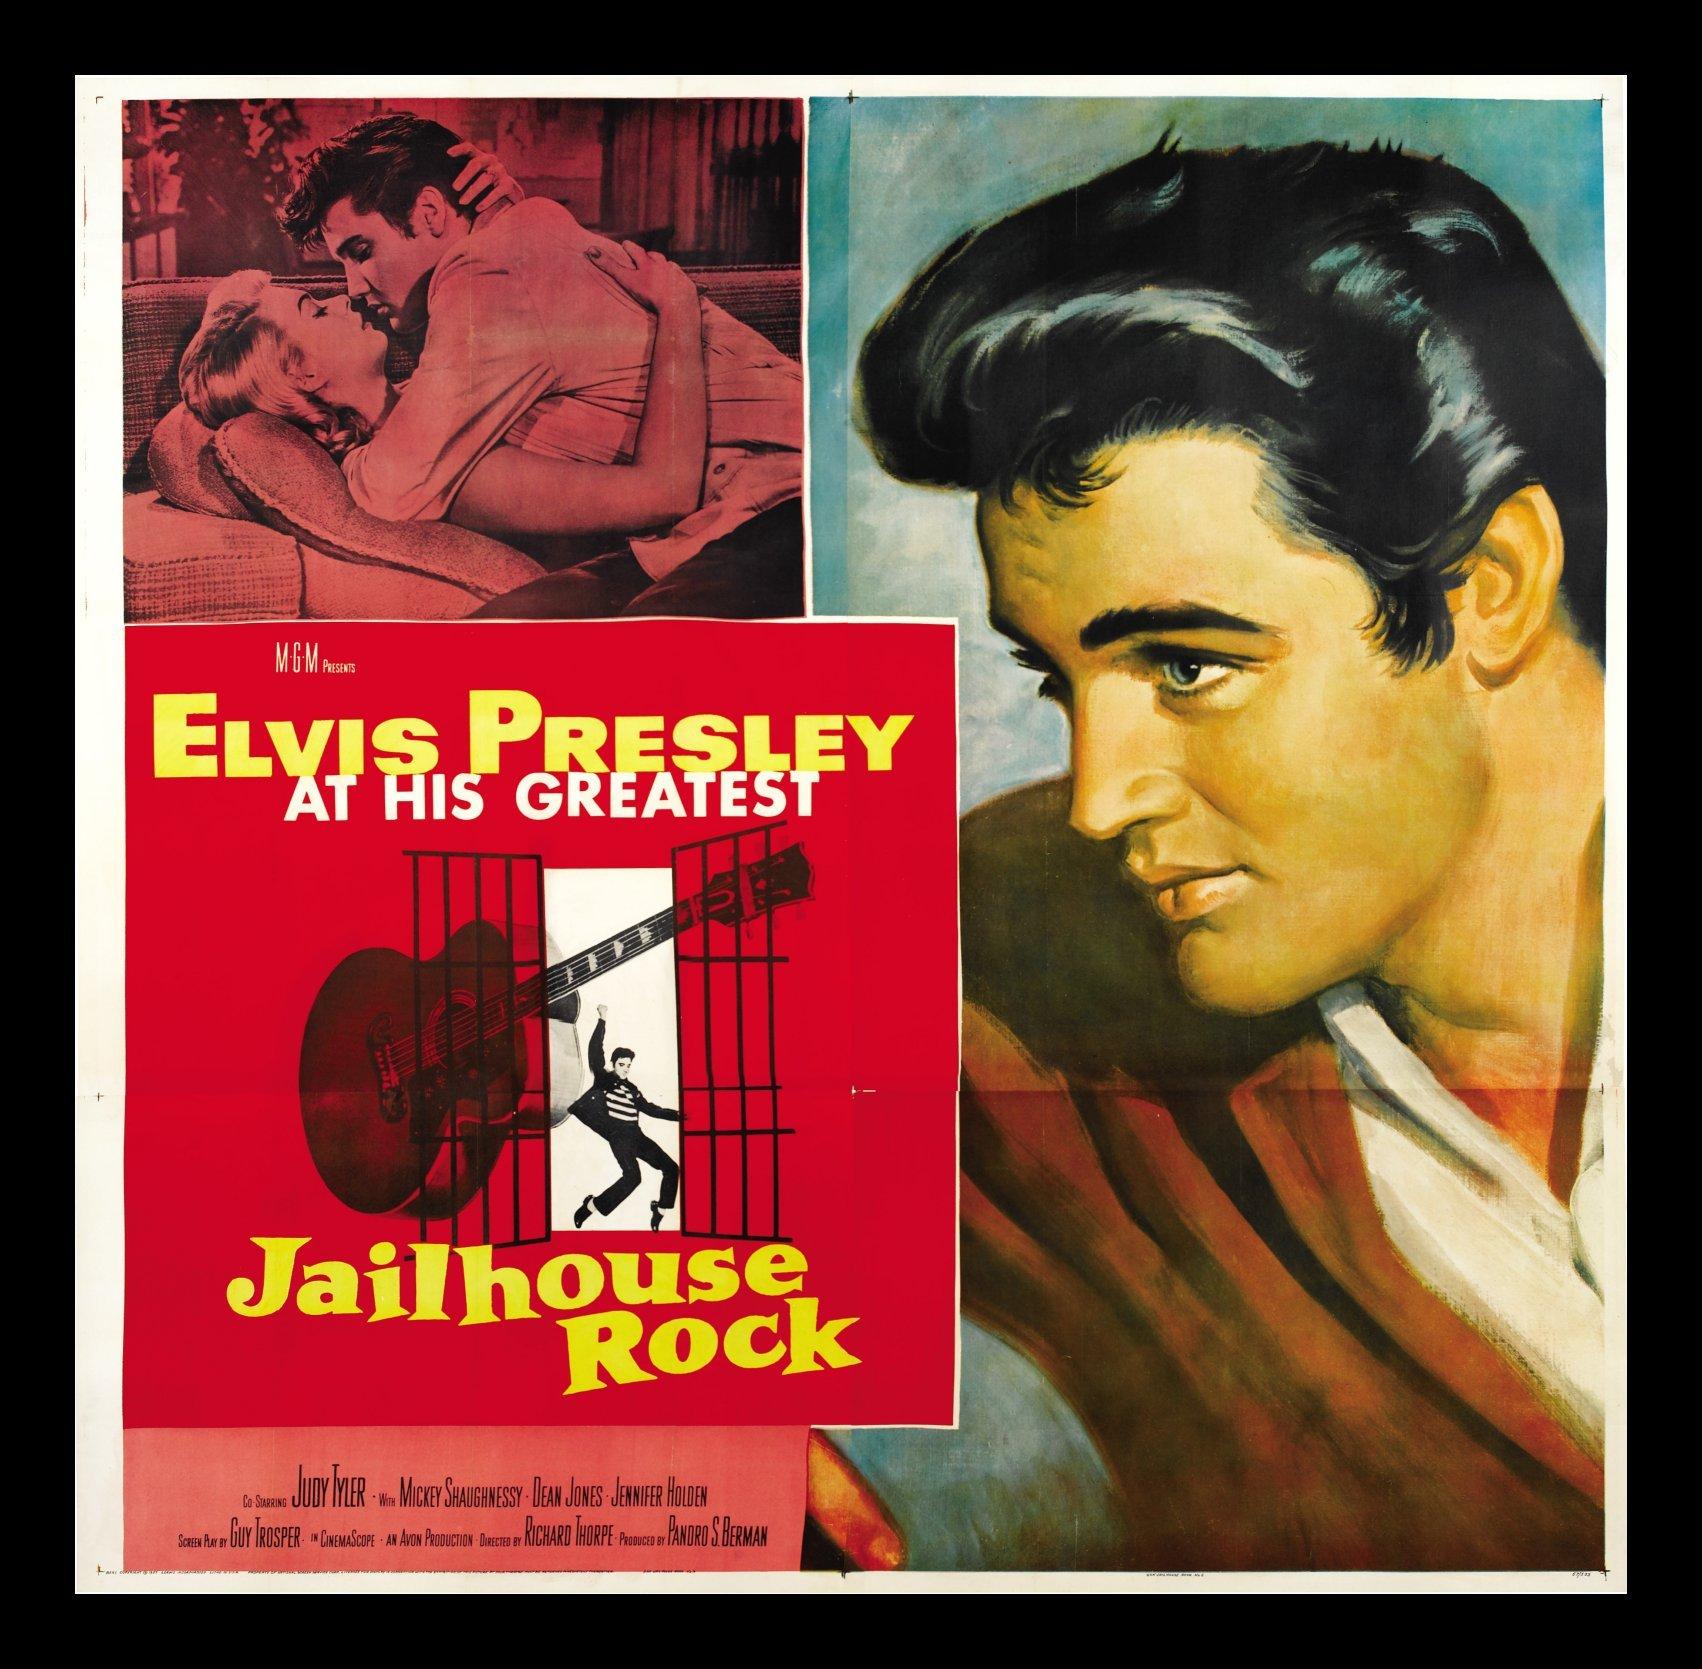 Original Elvis Presley Posters